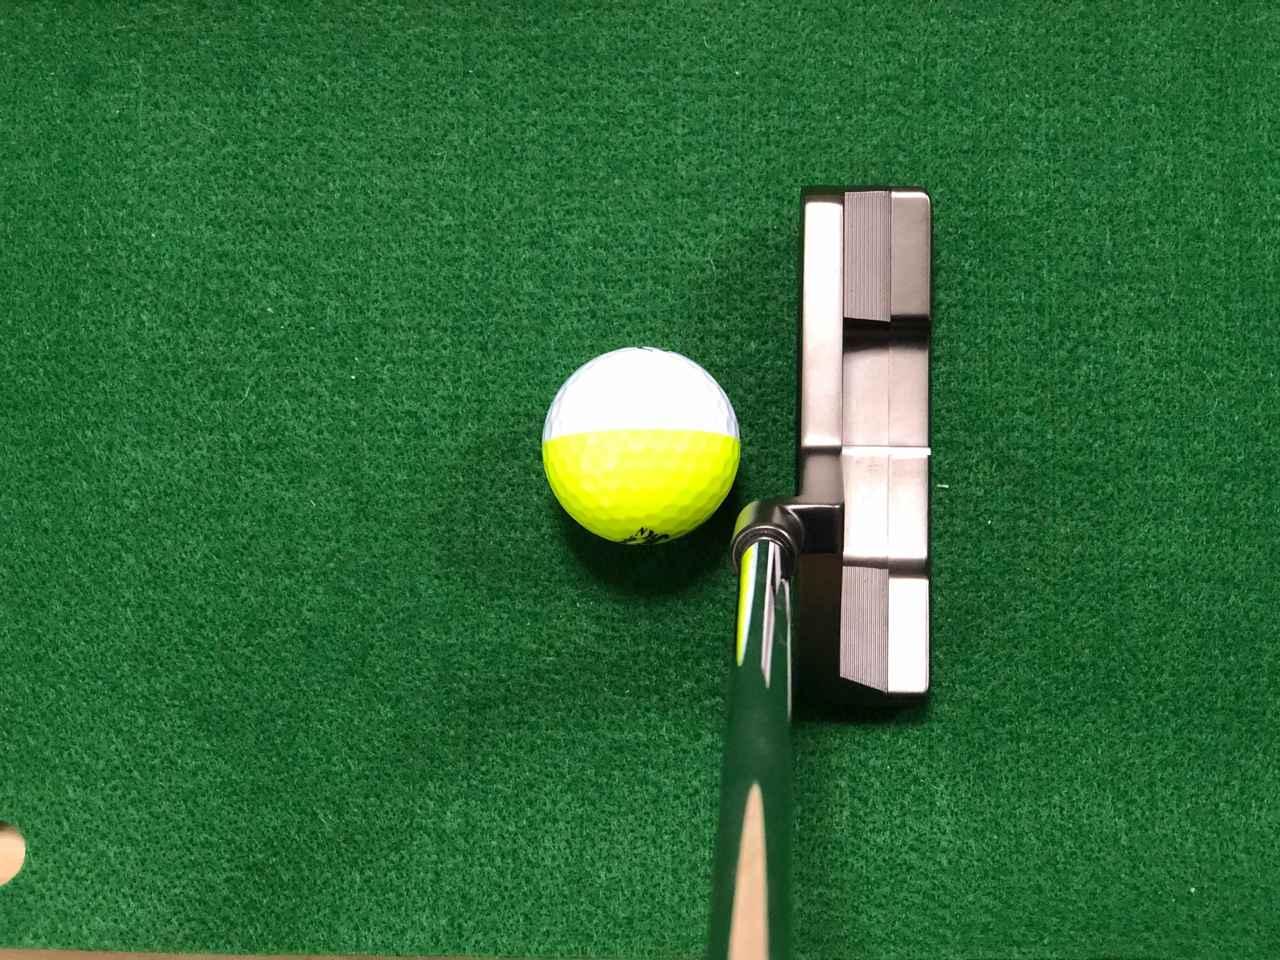 画像: 色分けされたボールの境目をターゲット向け、トップラインとサイトラインのスクェアな感覚をつかむことで、ターゲットに対してスクェアな構えを身につけられる